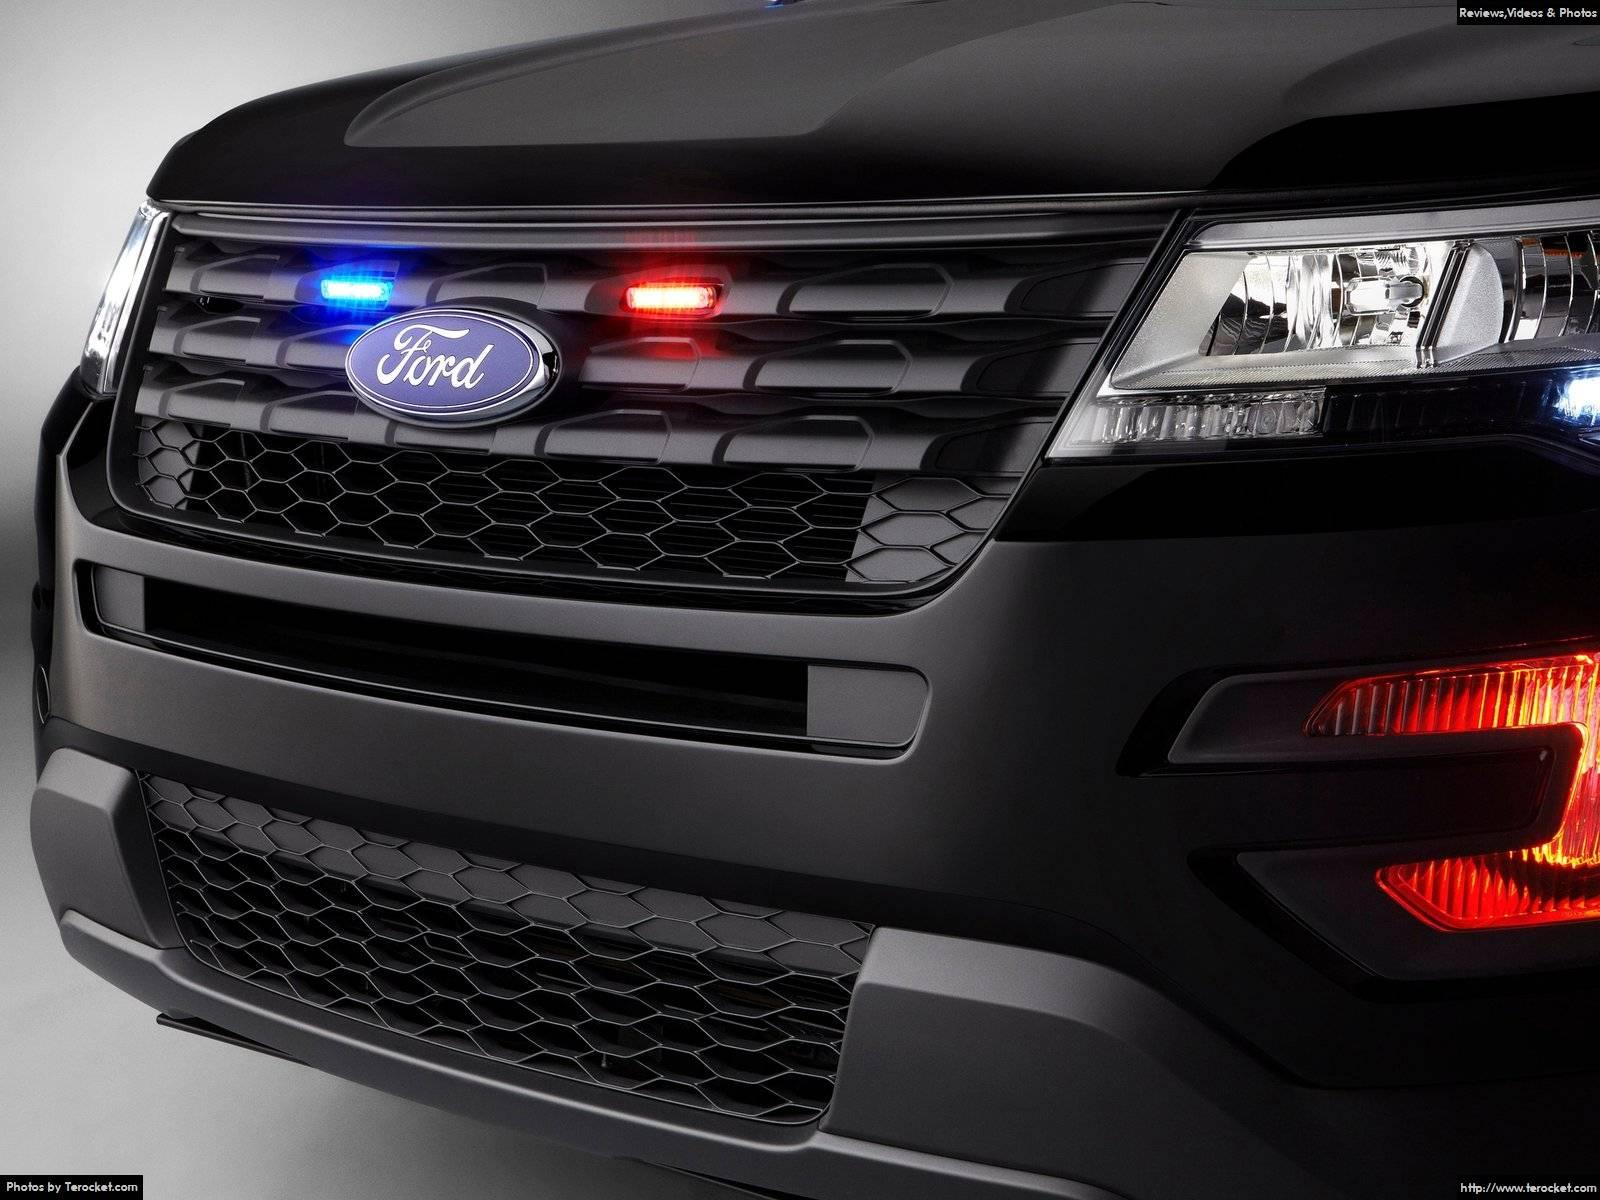 Xe được trang bị hệ thống an toàn, đèn pha, động cơ cực mạnh